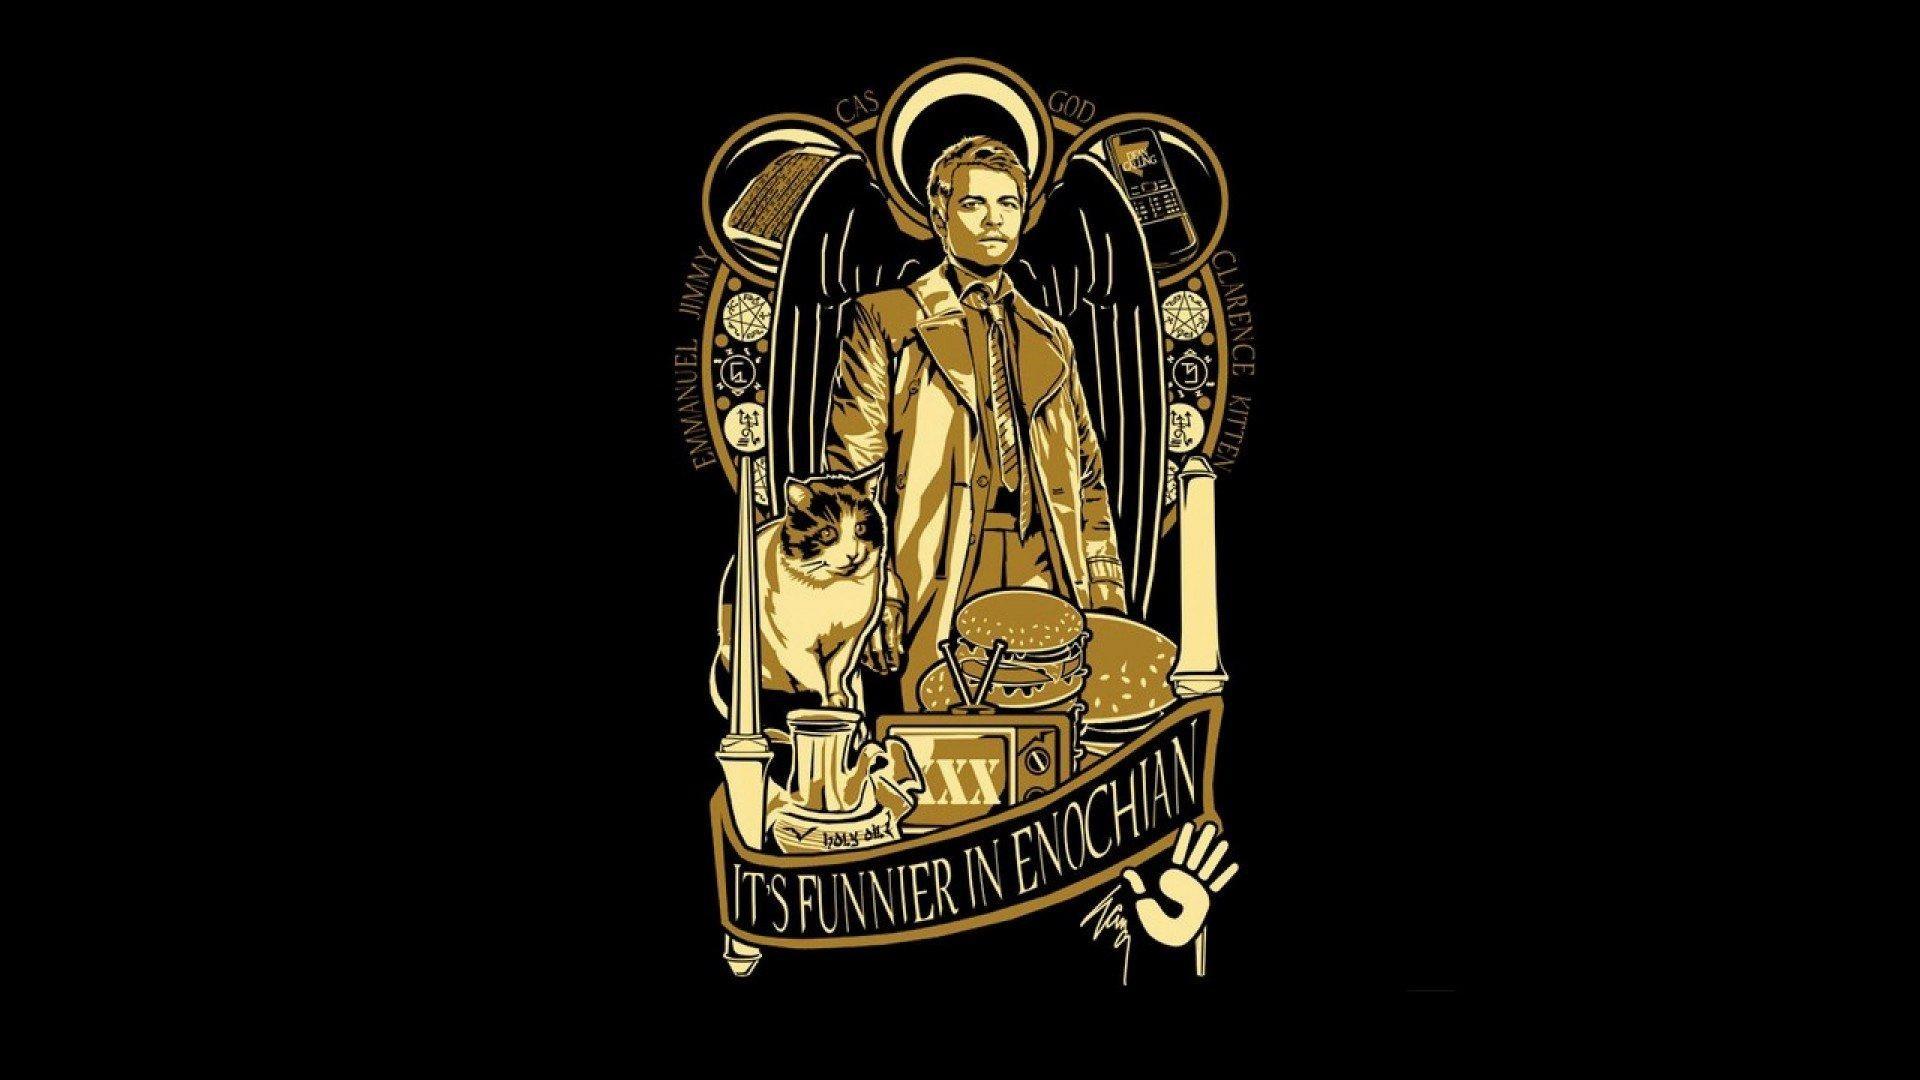 Castiel-Supernatural-Iphone-Wallpaper-Free-Download